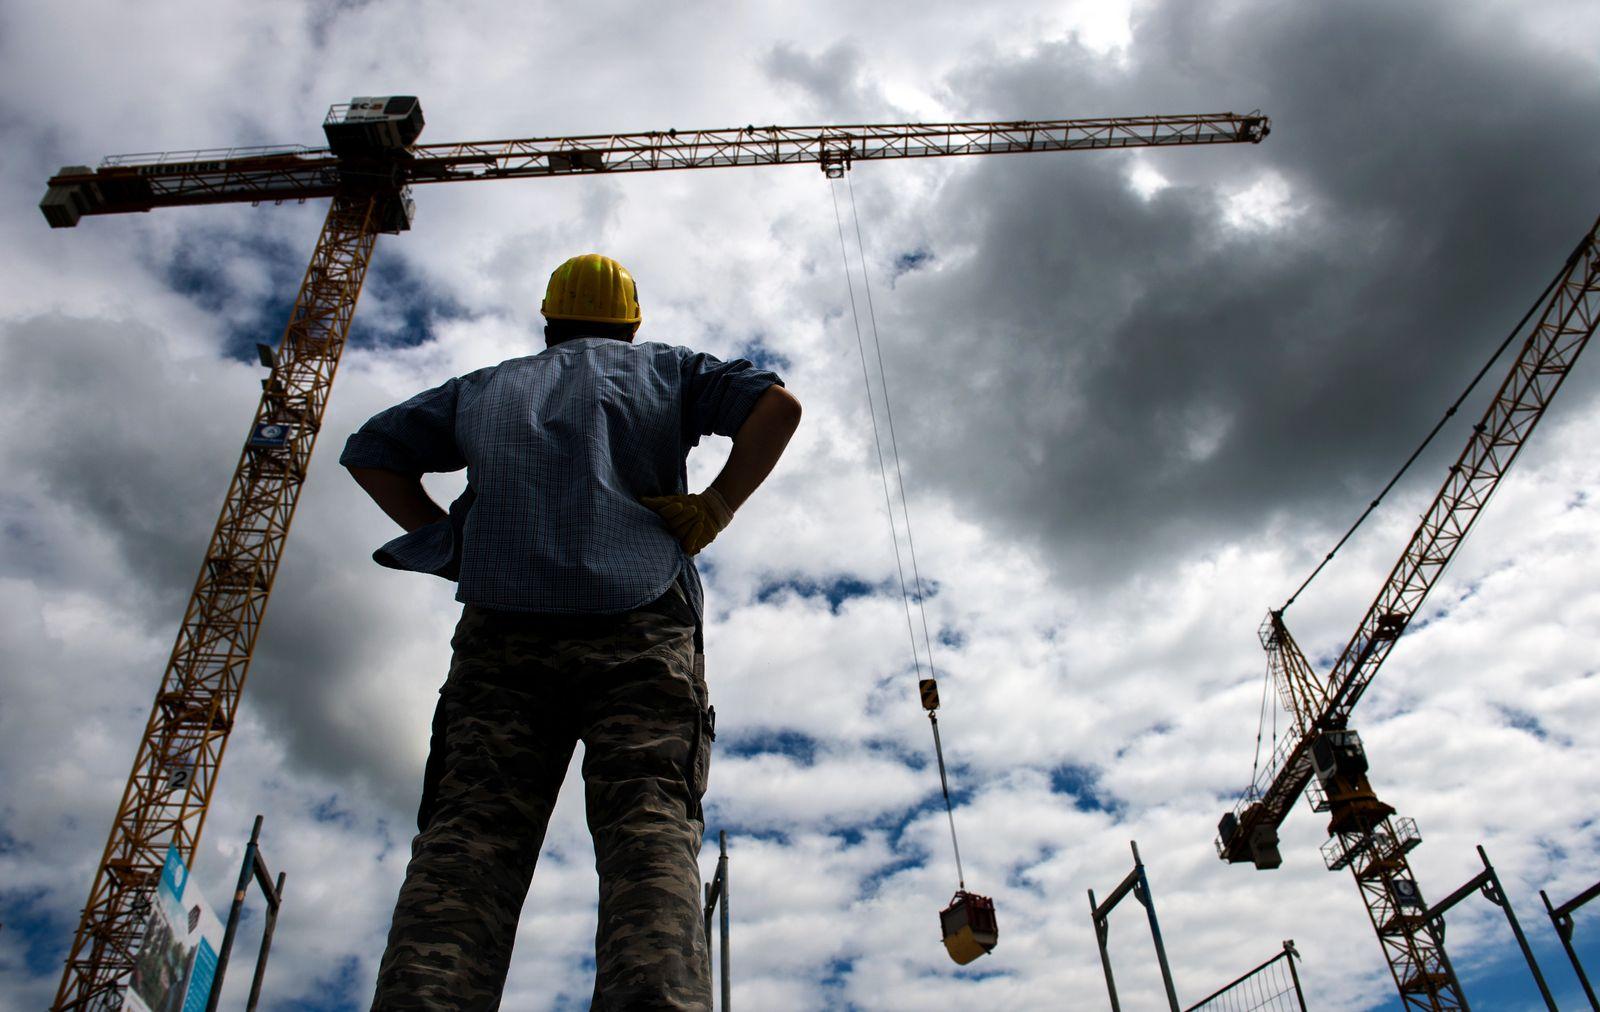 Deutschland / Konjunktur / Wirtschaft / Ifo-Index / Bau-Industrie / Kräne /Baustelle